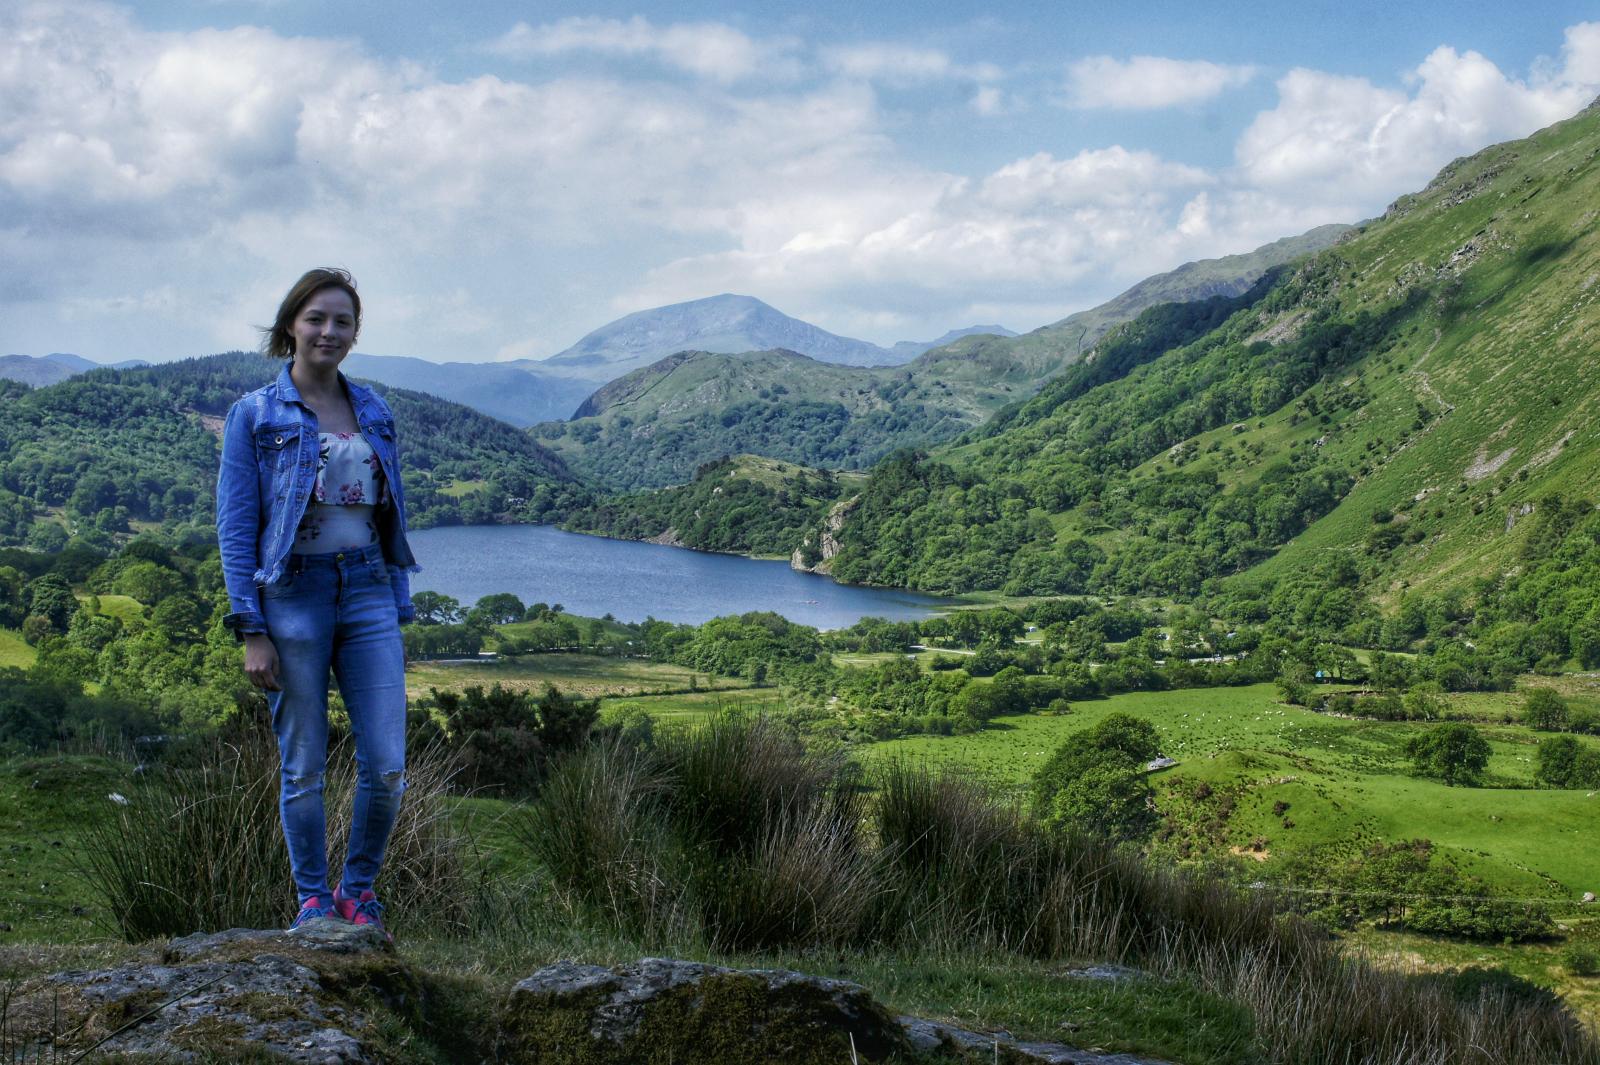 Kieran Rae Snowdon Snowdonia Wales Llyn Gwynant Model Portrait